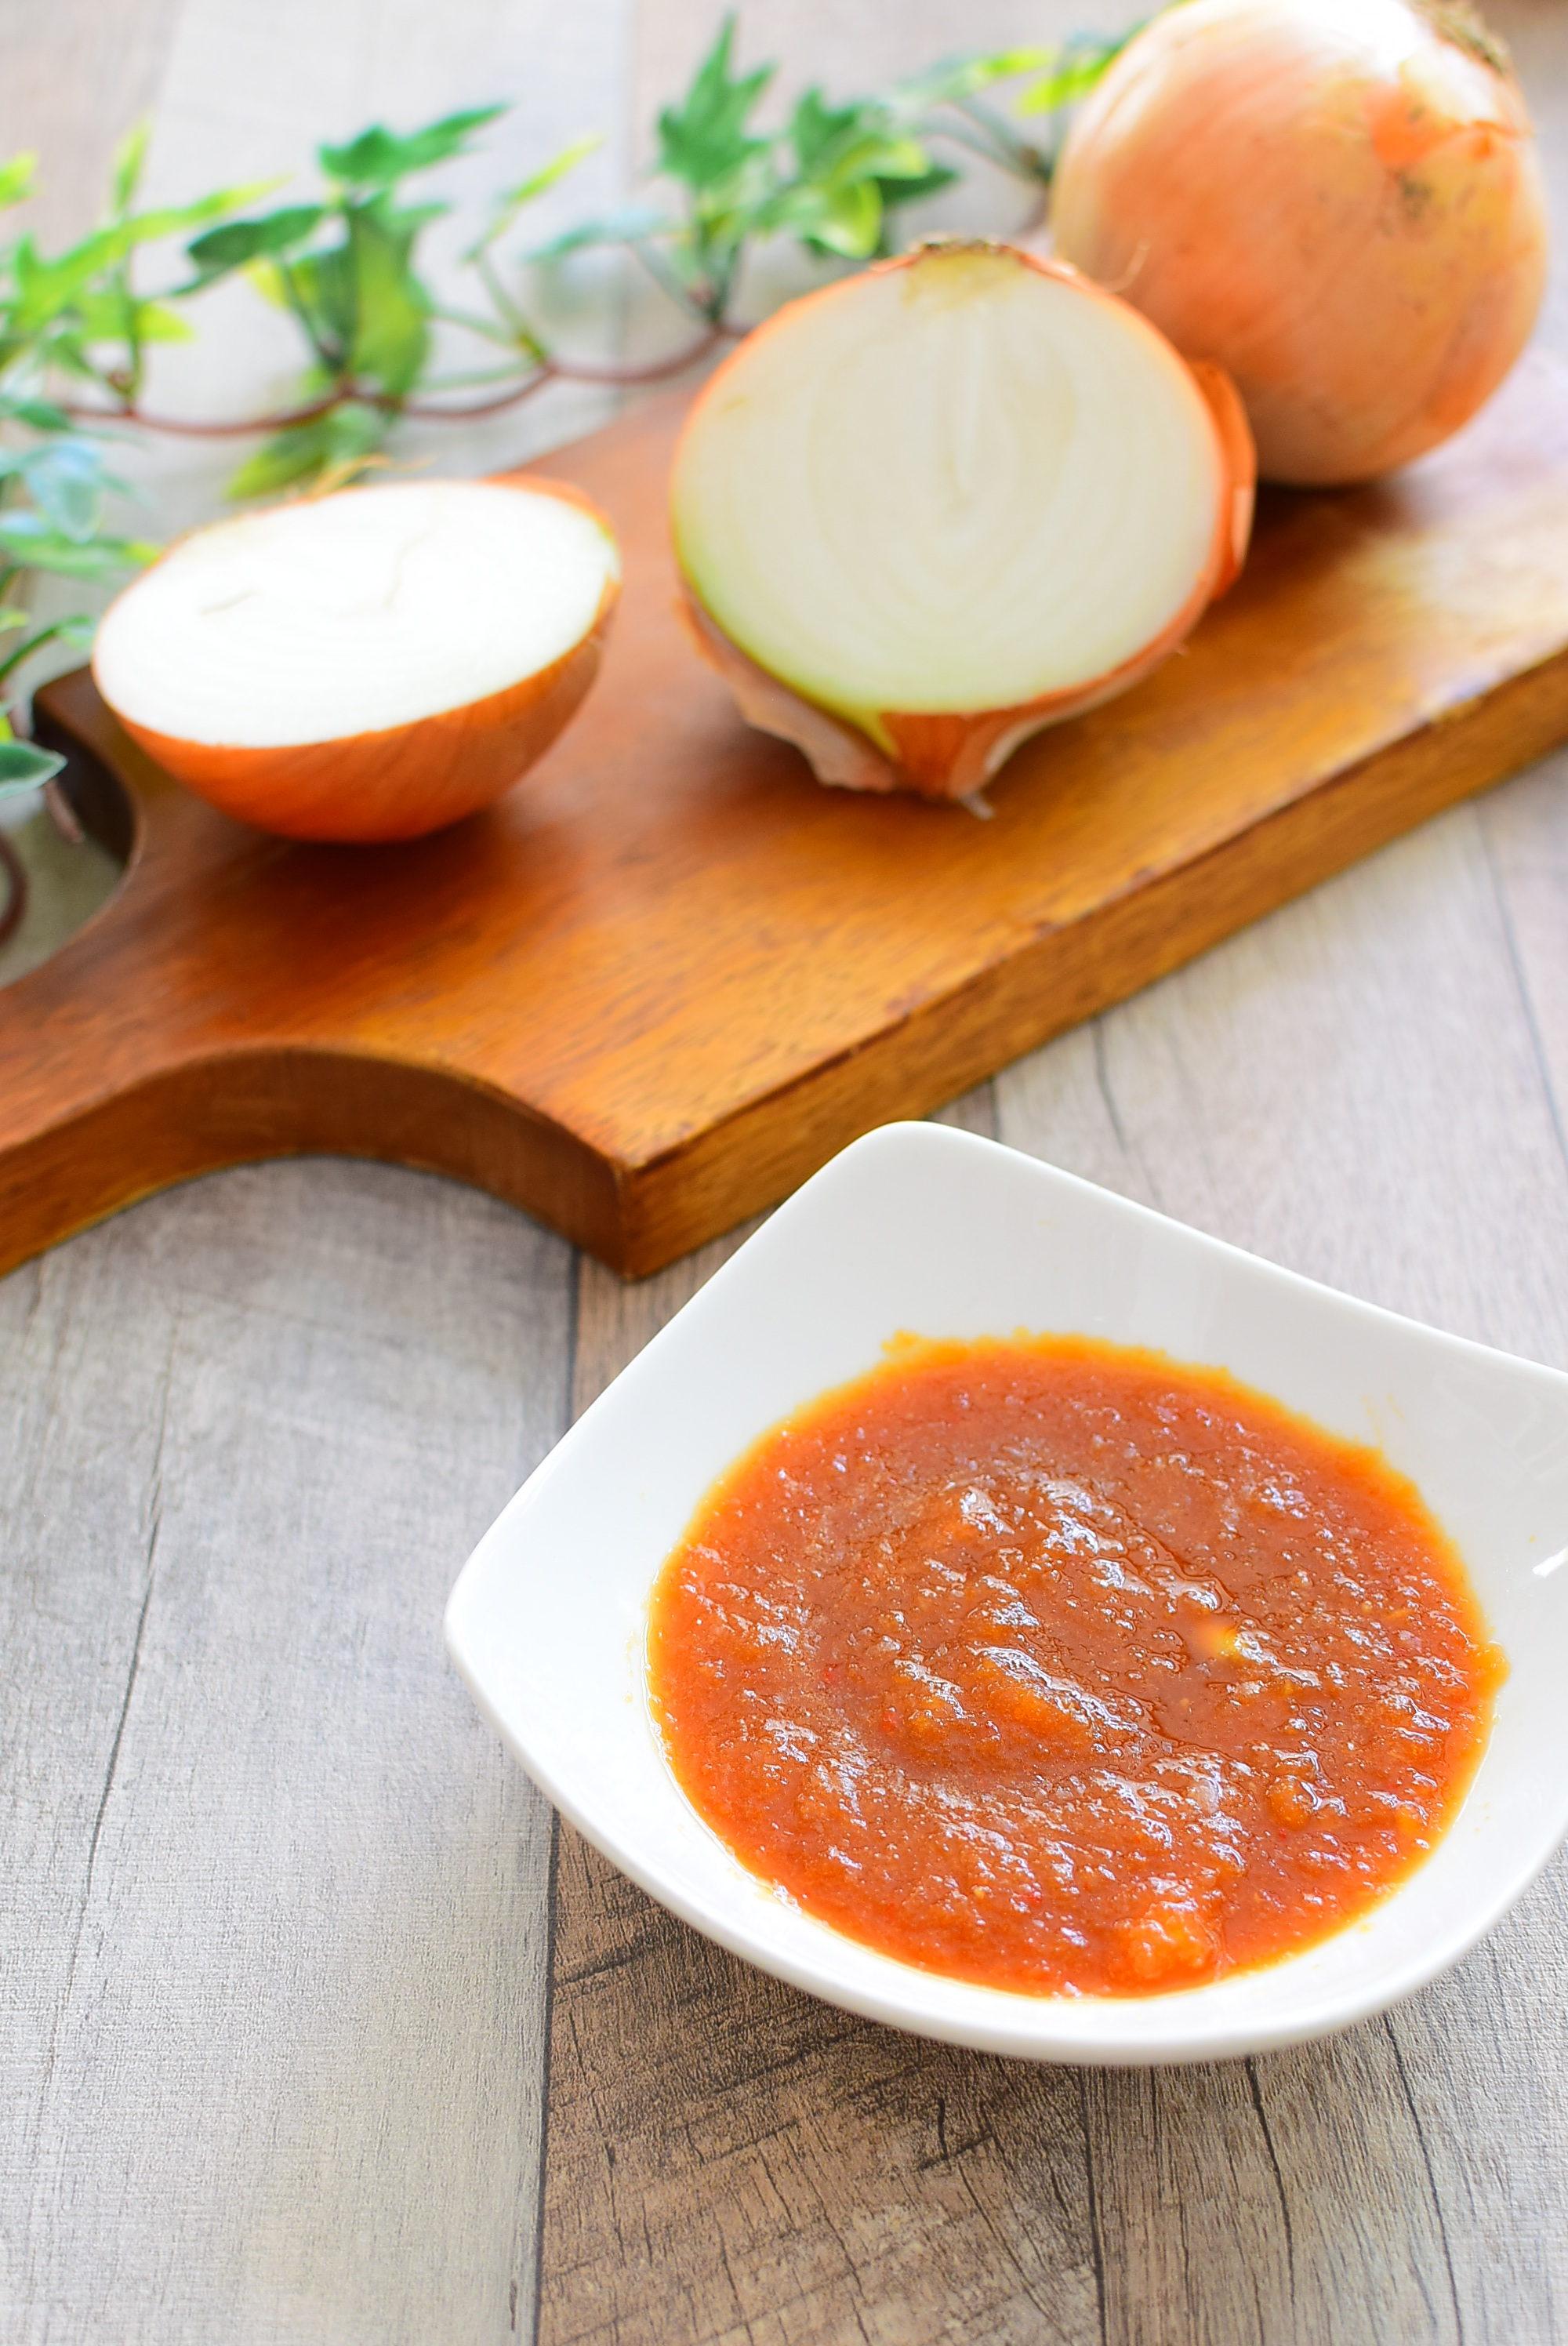 焼肉のタレを手作りしよう!簡単!玉ねぎだれのレシピの写真